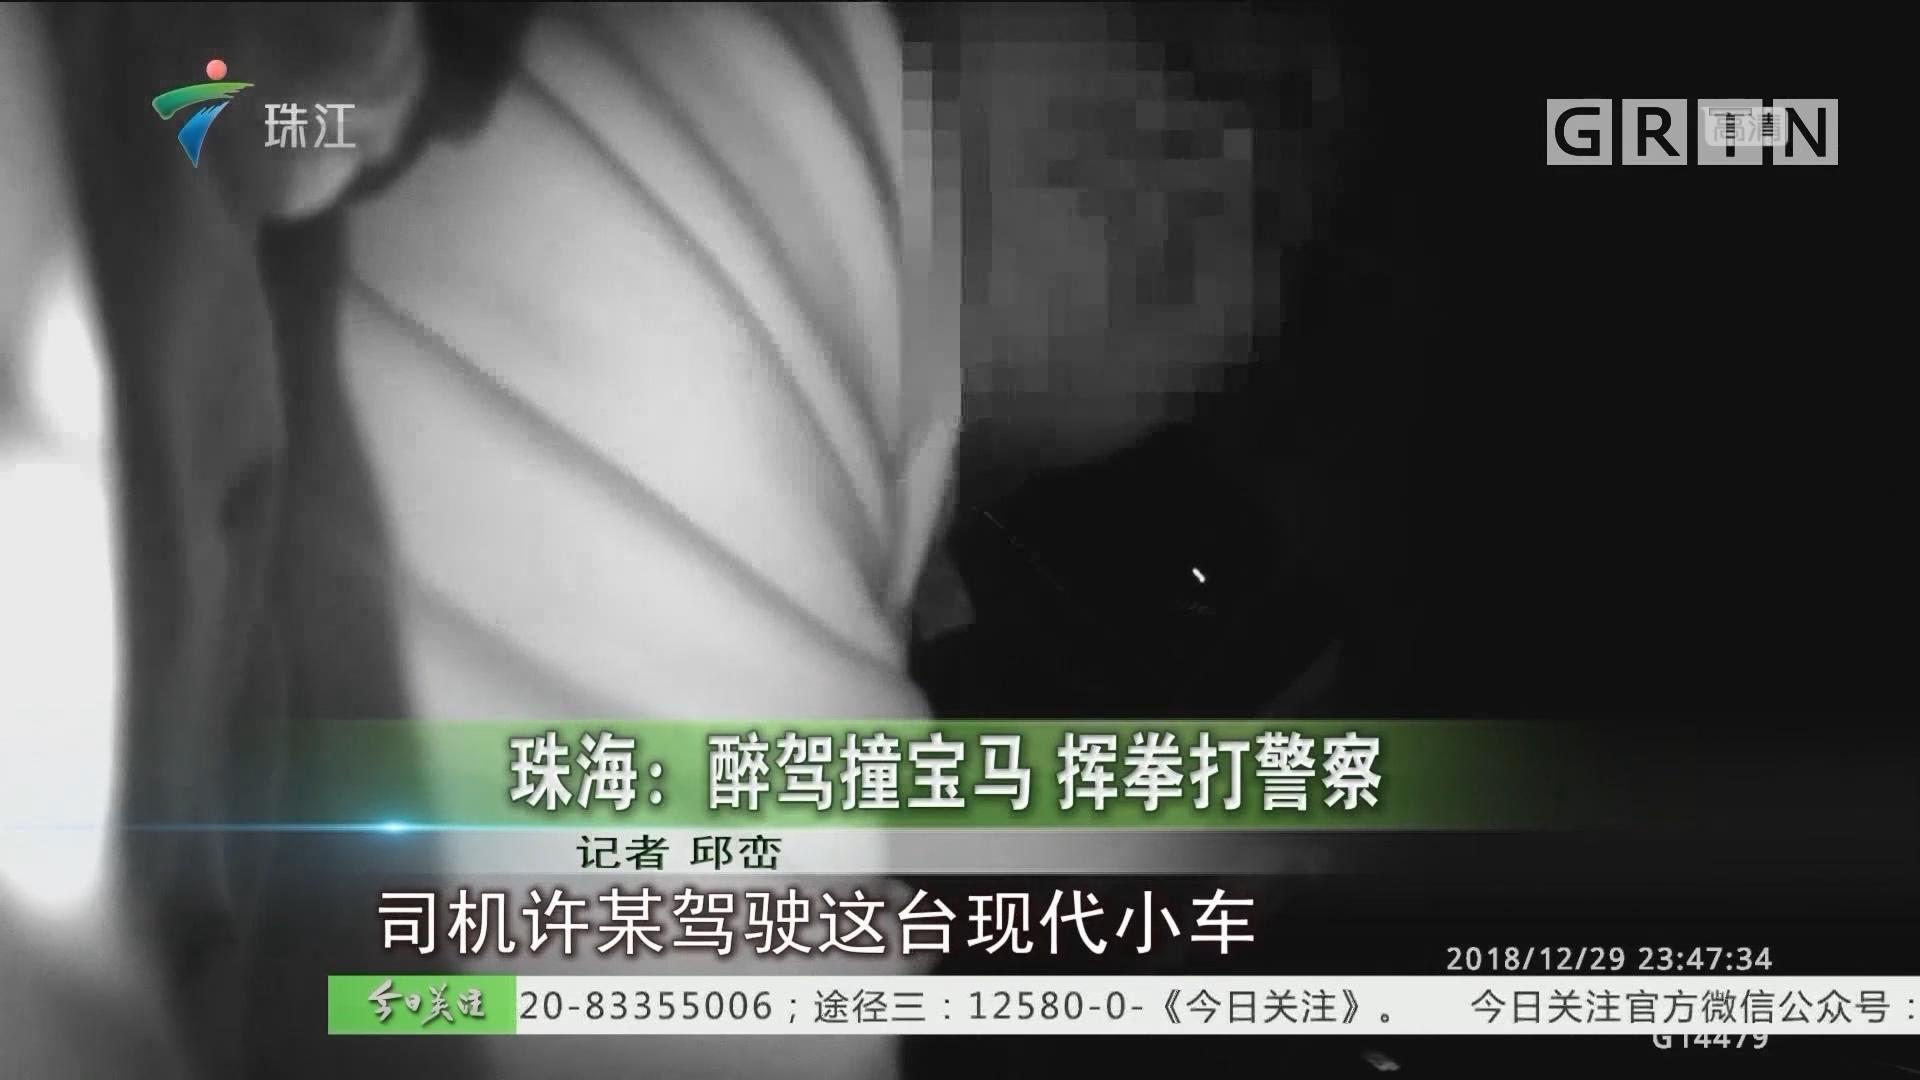 珠海:醉驾撞宝马 挥拳打警察